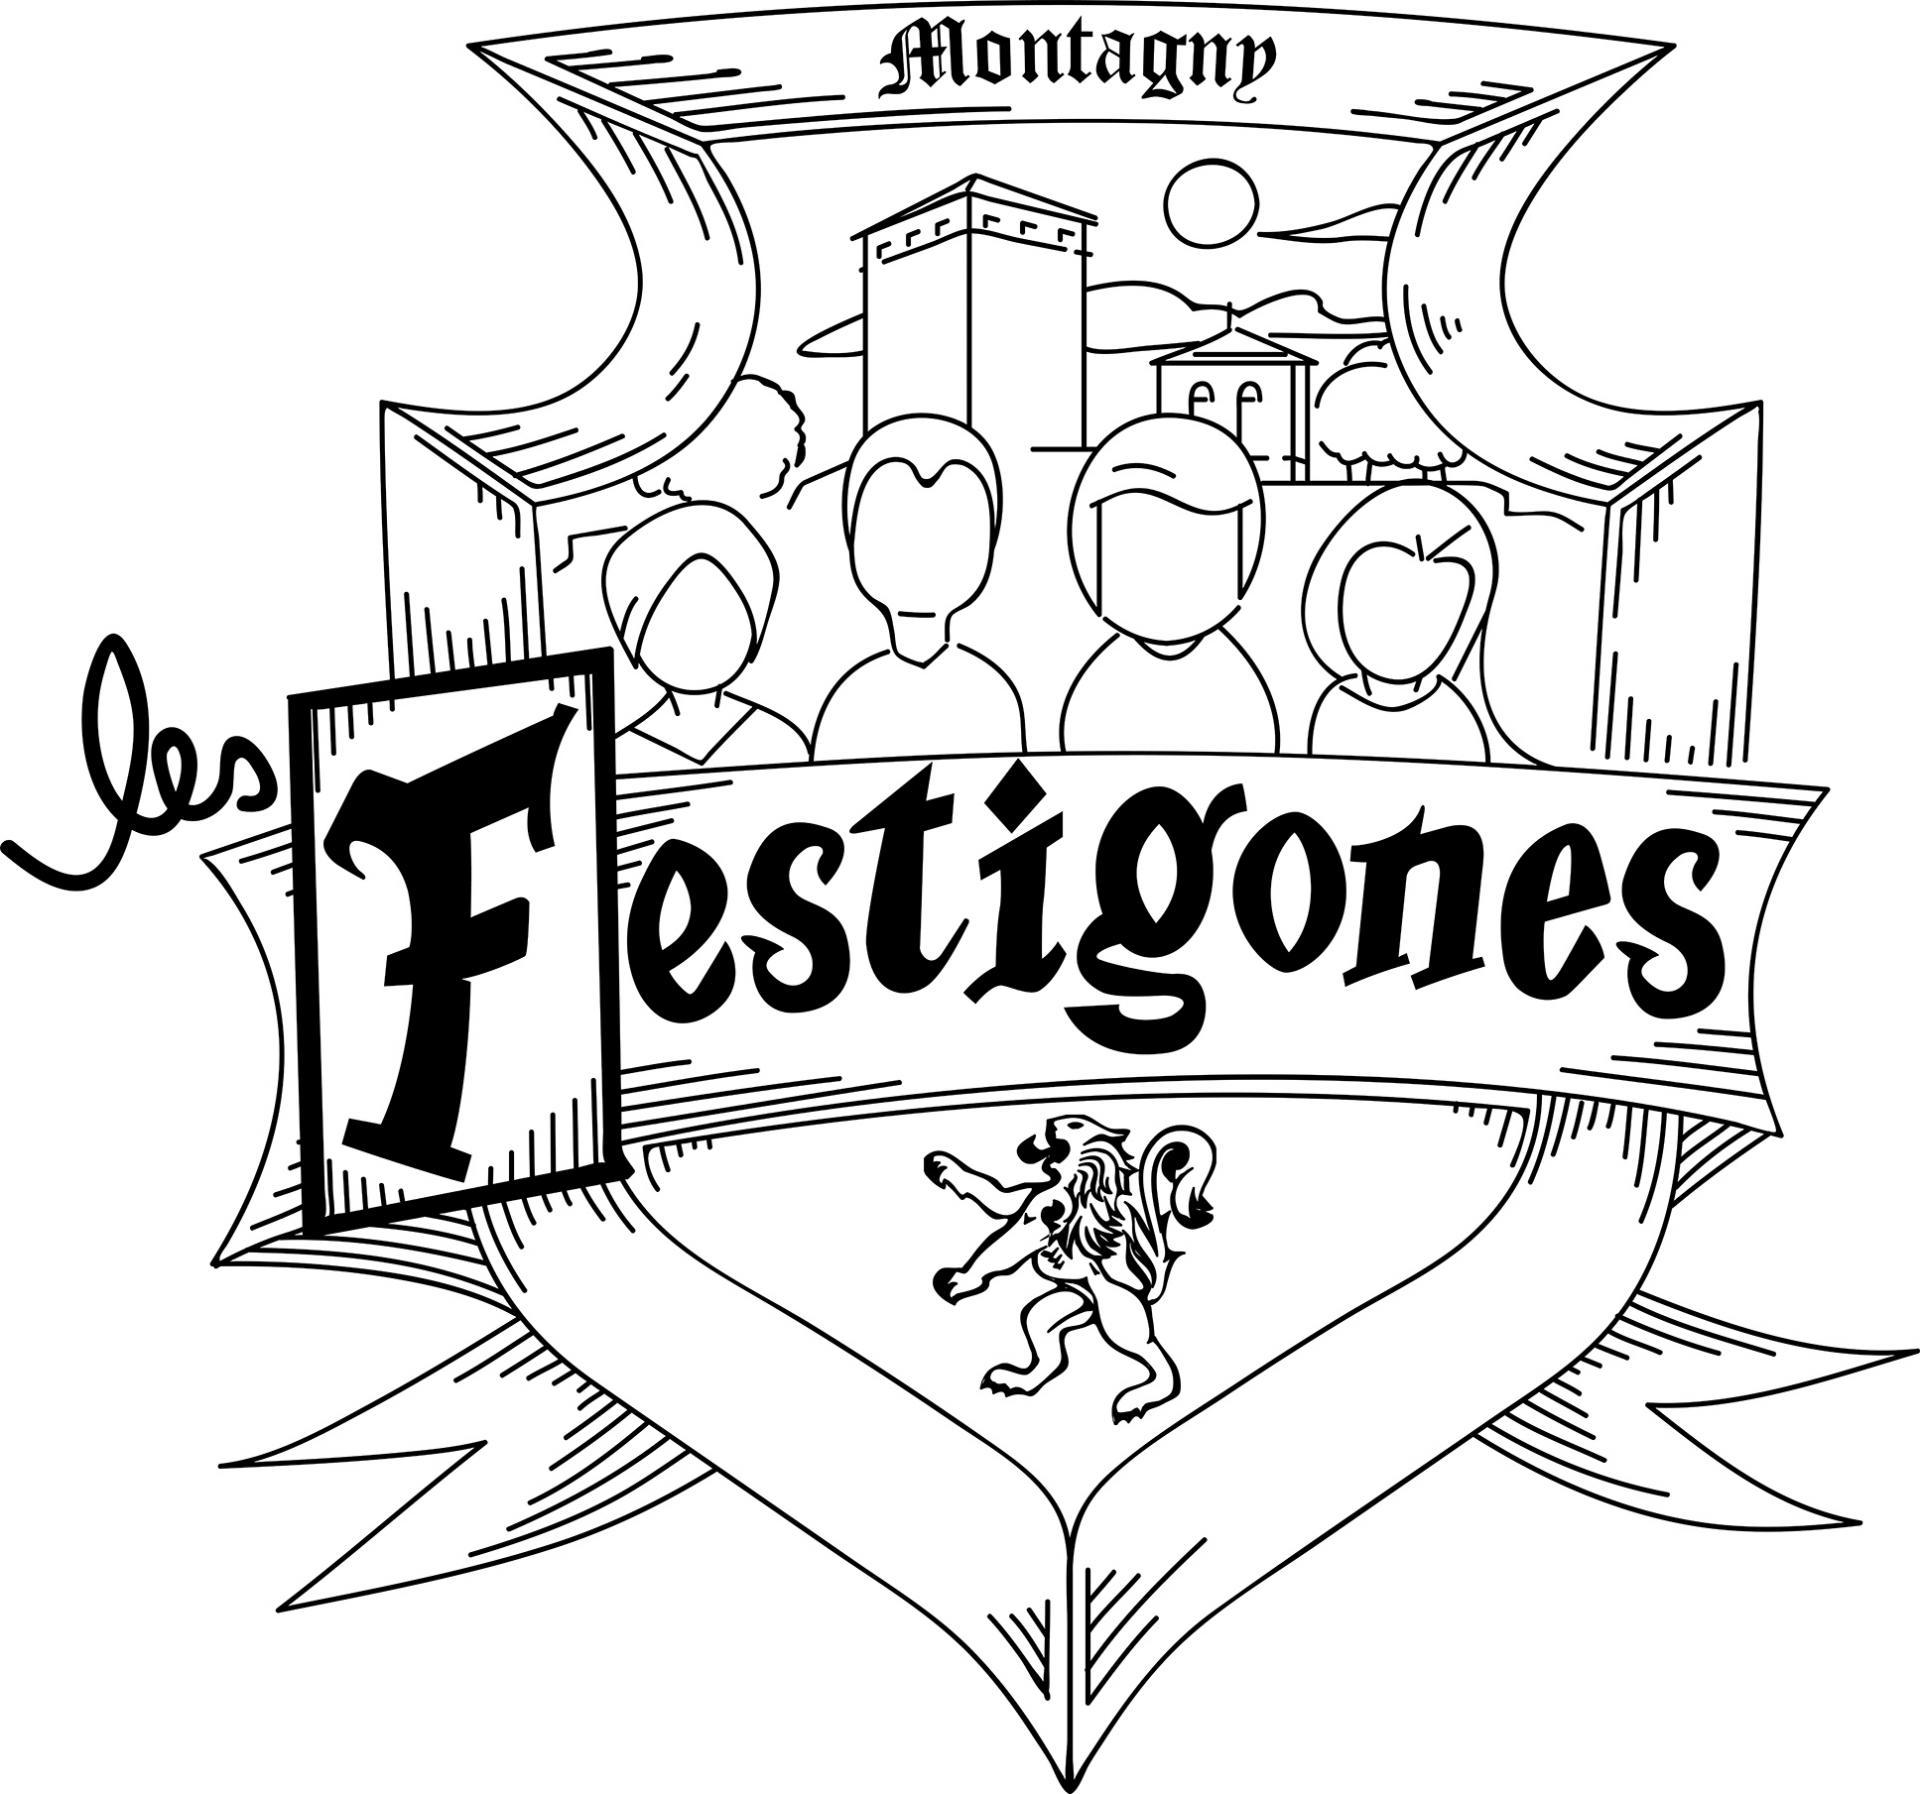 Festigones